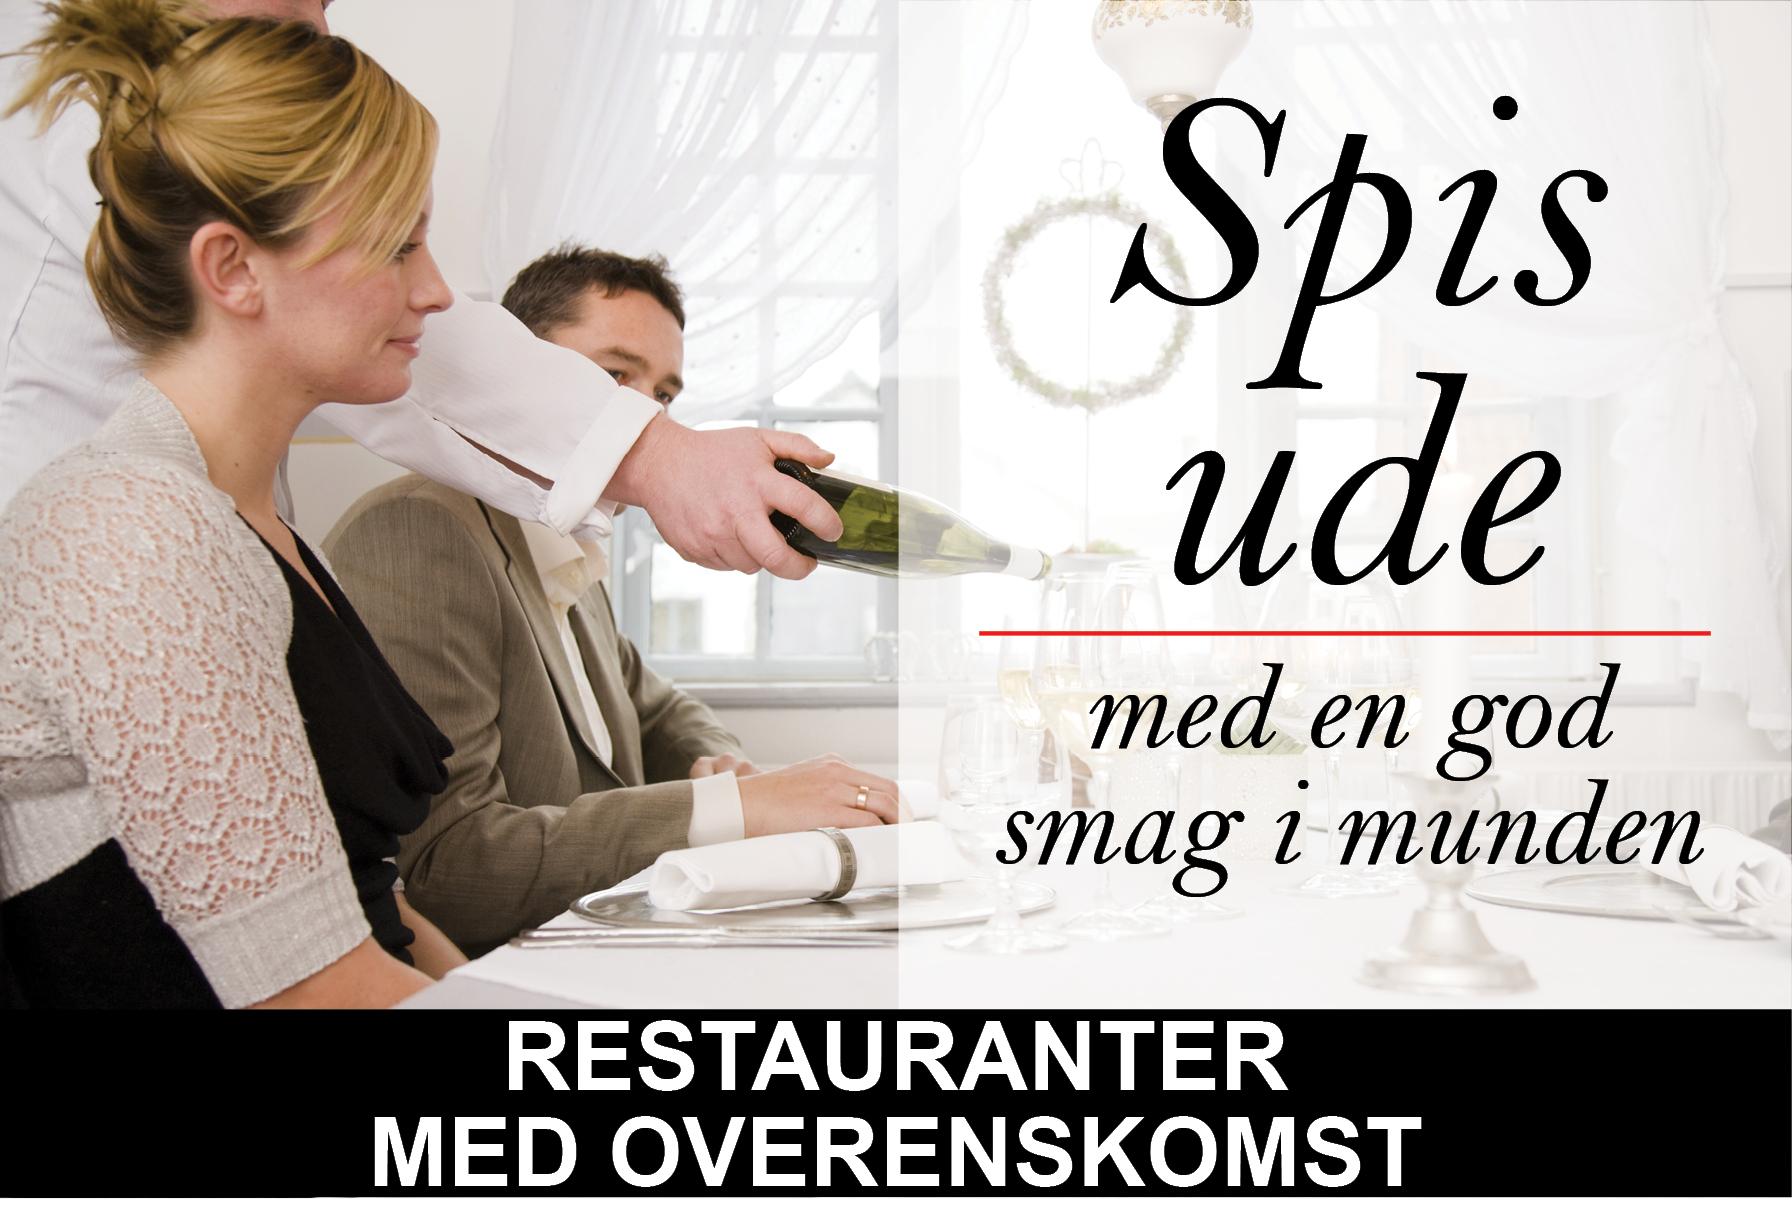 Restauranter med overenskomst